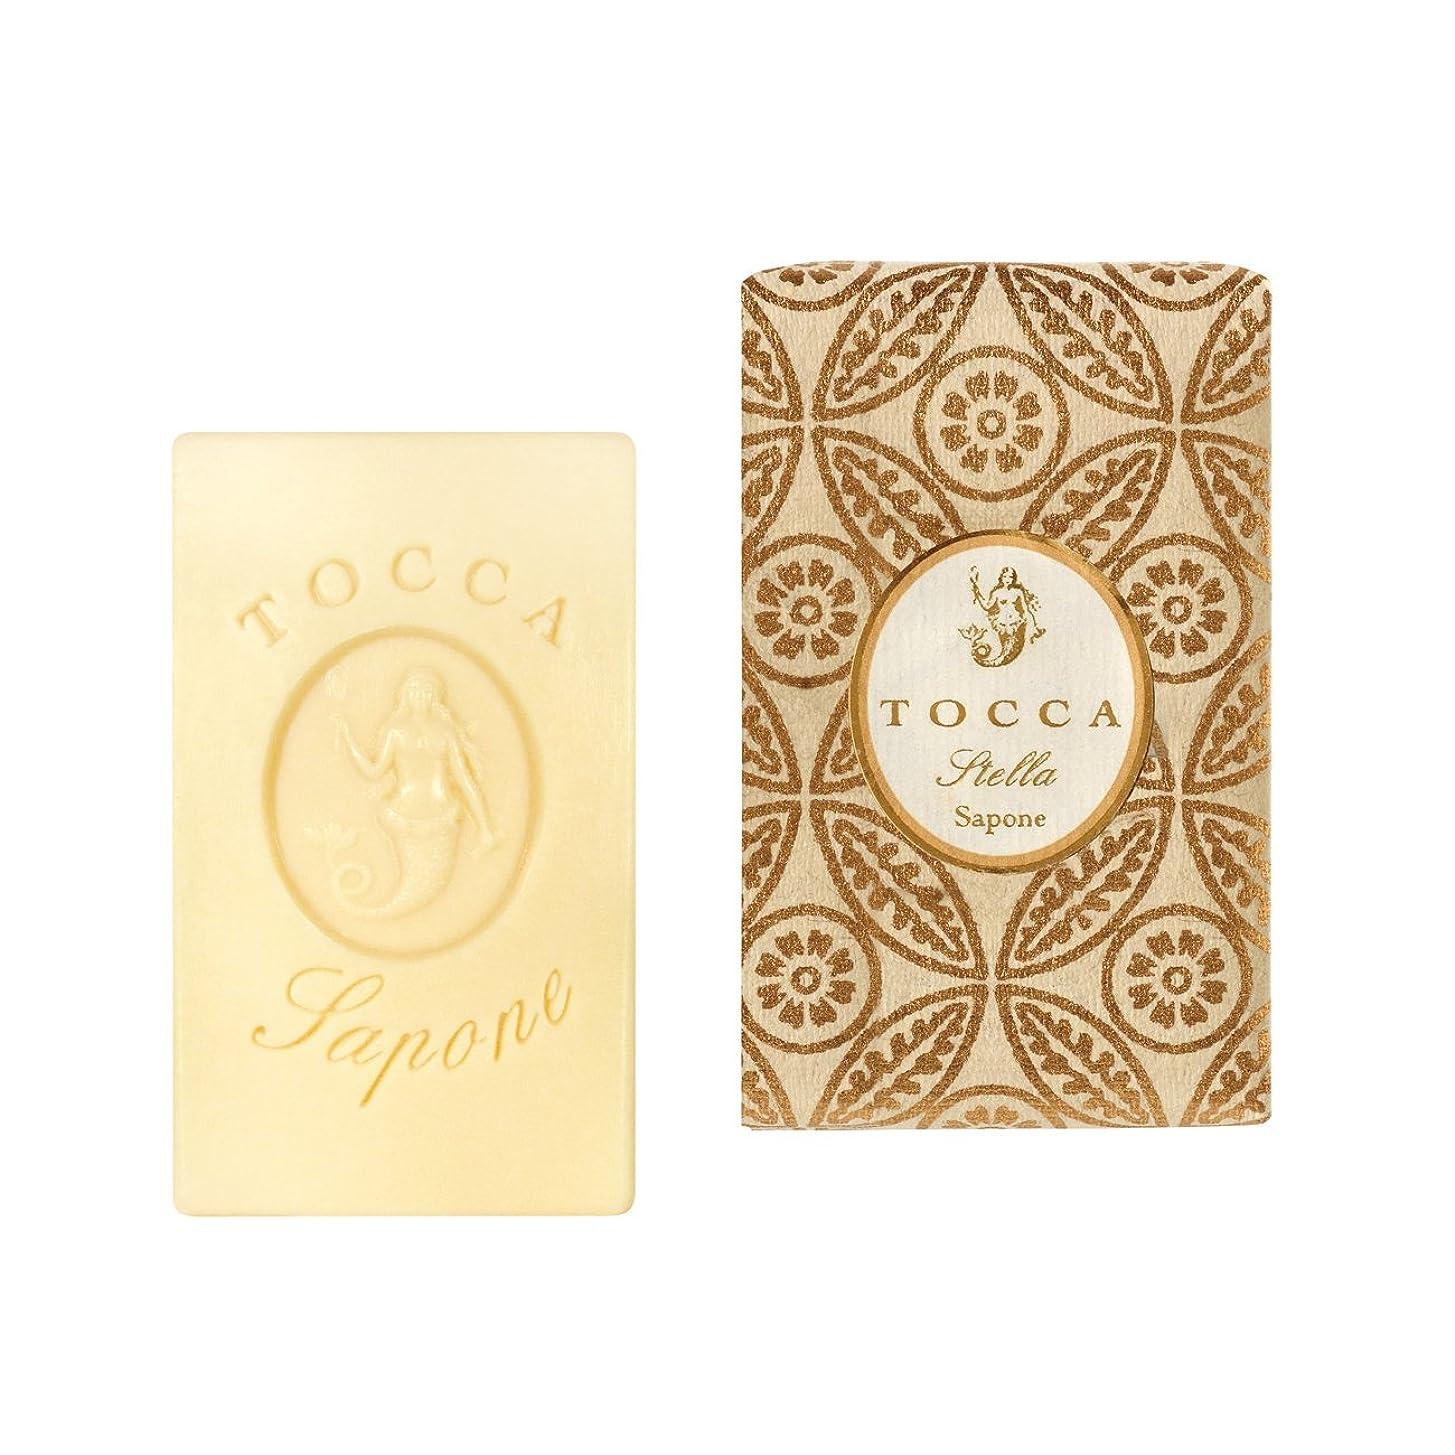 それに応じてエントリシーントッカ(TOCCA) ソープバー ステラの香り 113g(石けん 化粧石けん イタリアンブラッドオレンジが奏でるフレッシュでビターな爽やかさ漂う香り)